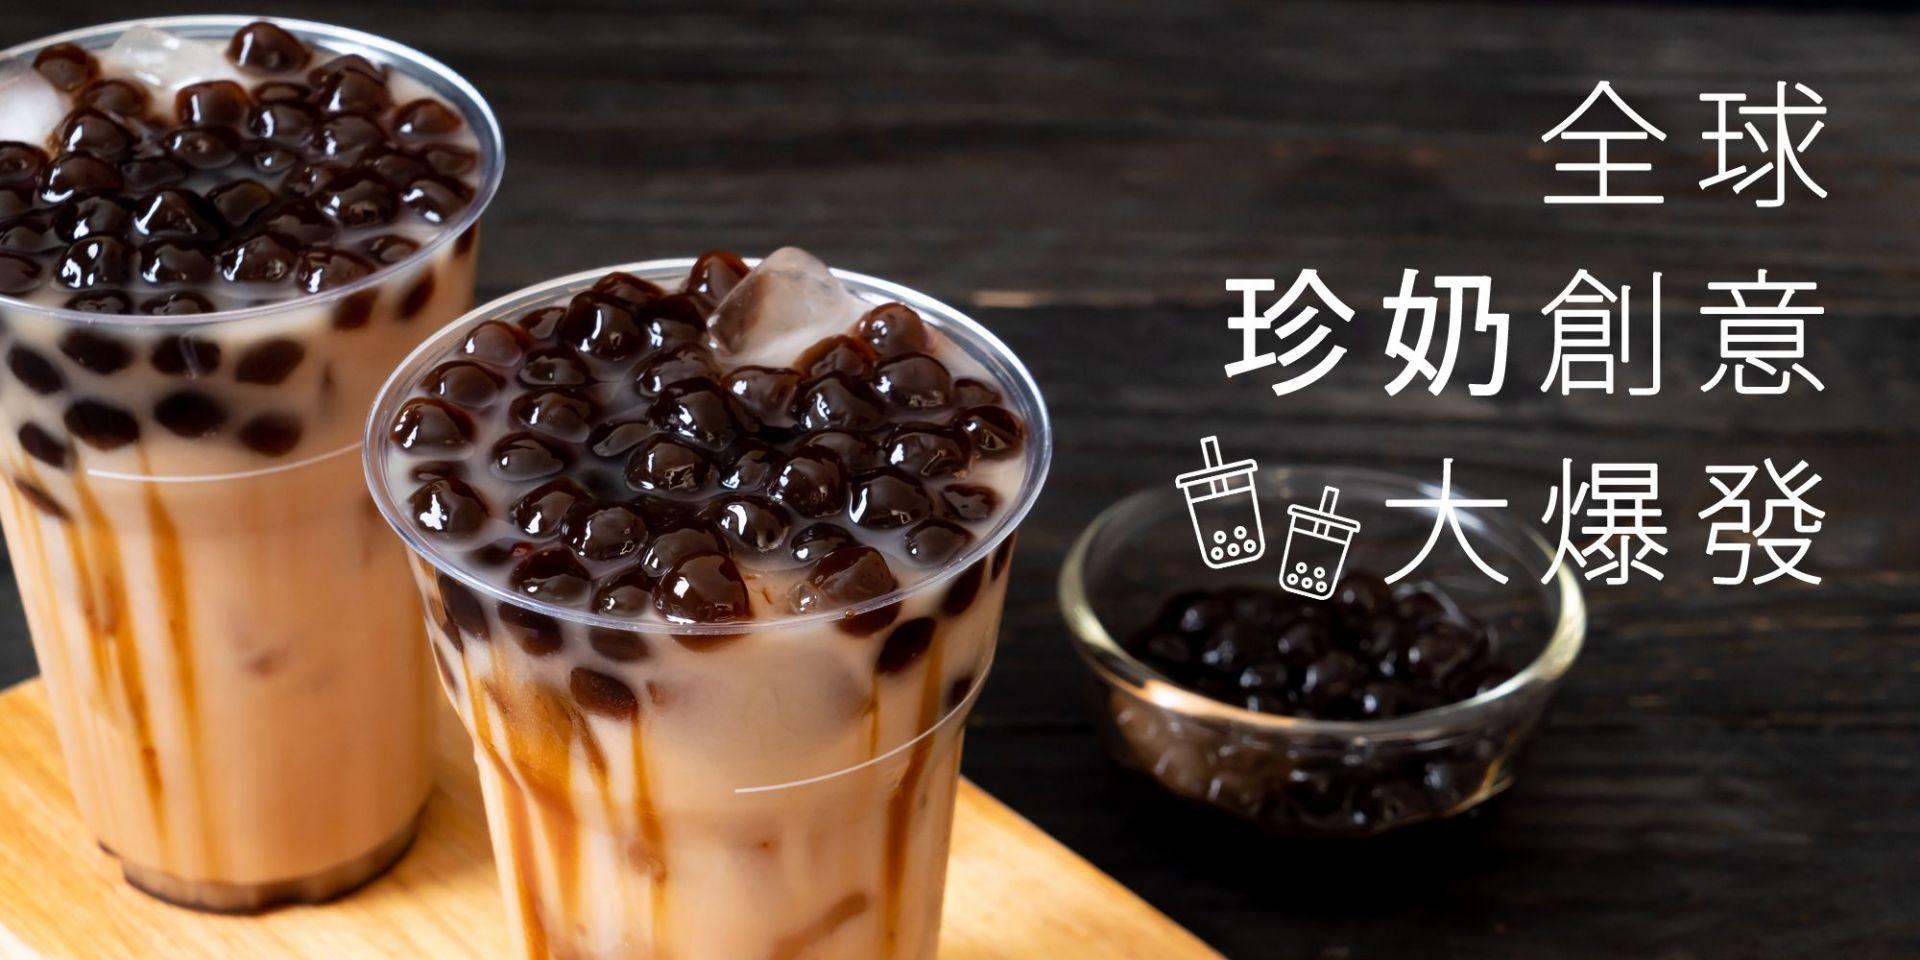 【食品产业趋势】抢占夏日消暑商机-粉圆